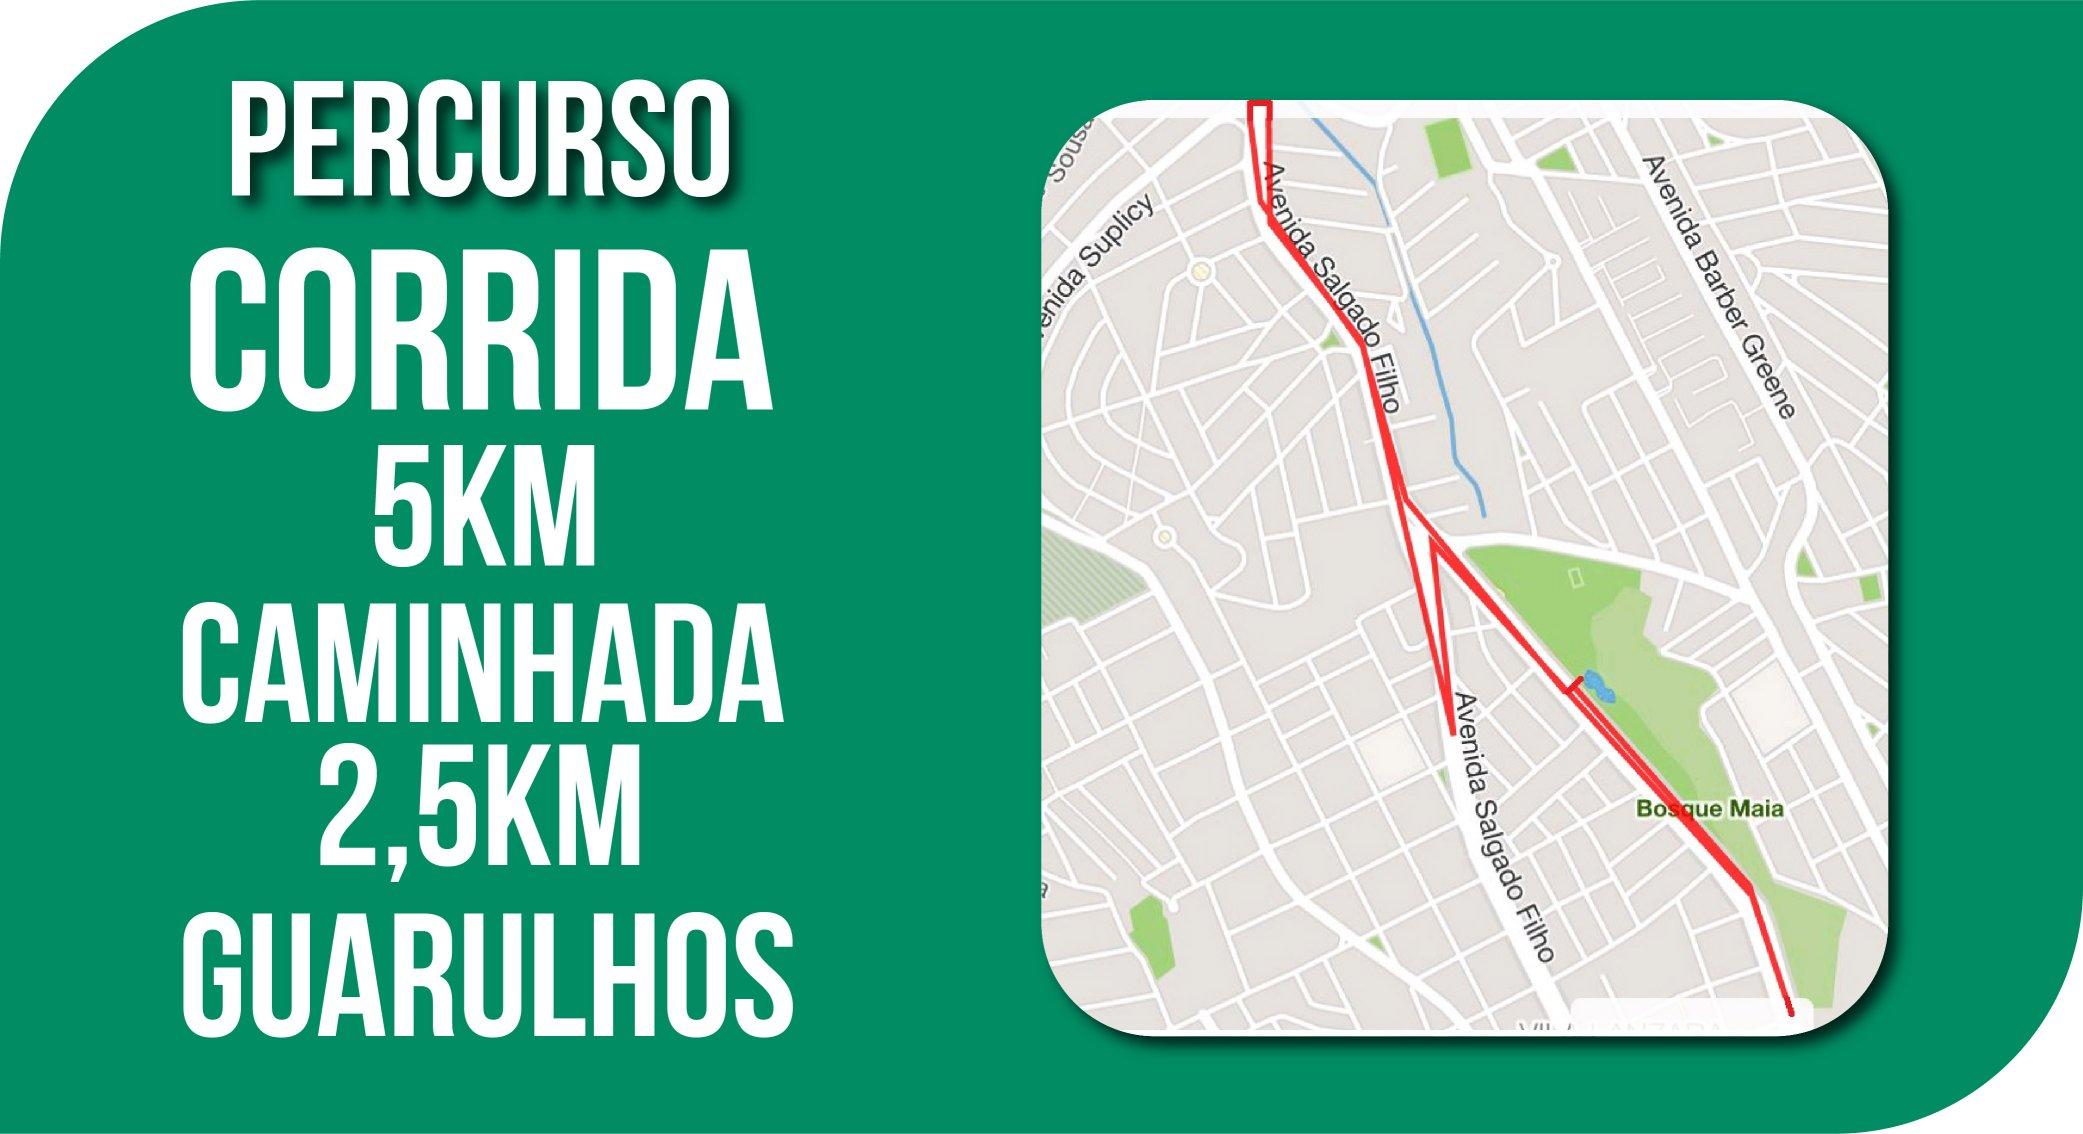 Percurso 5km e caminhada-20